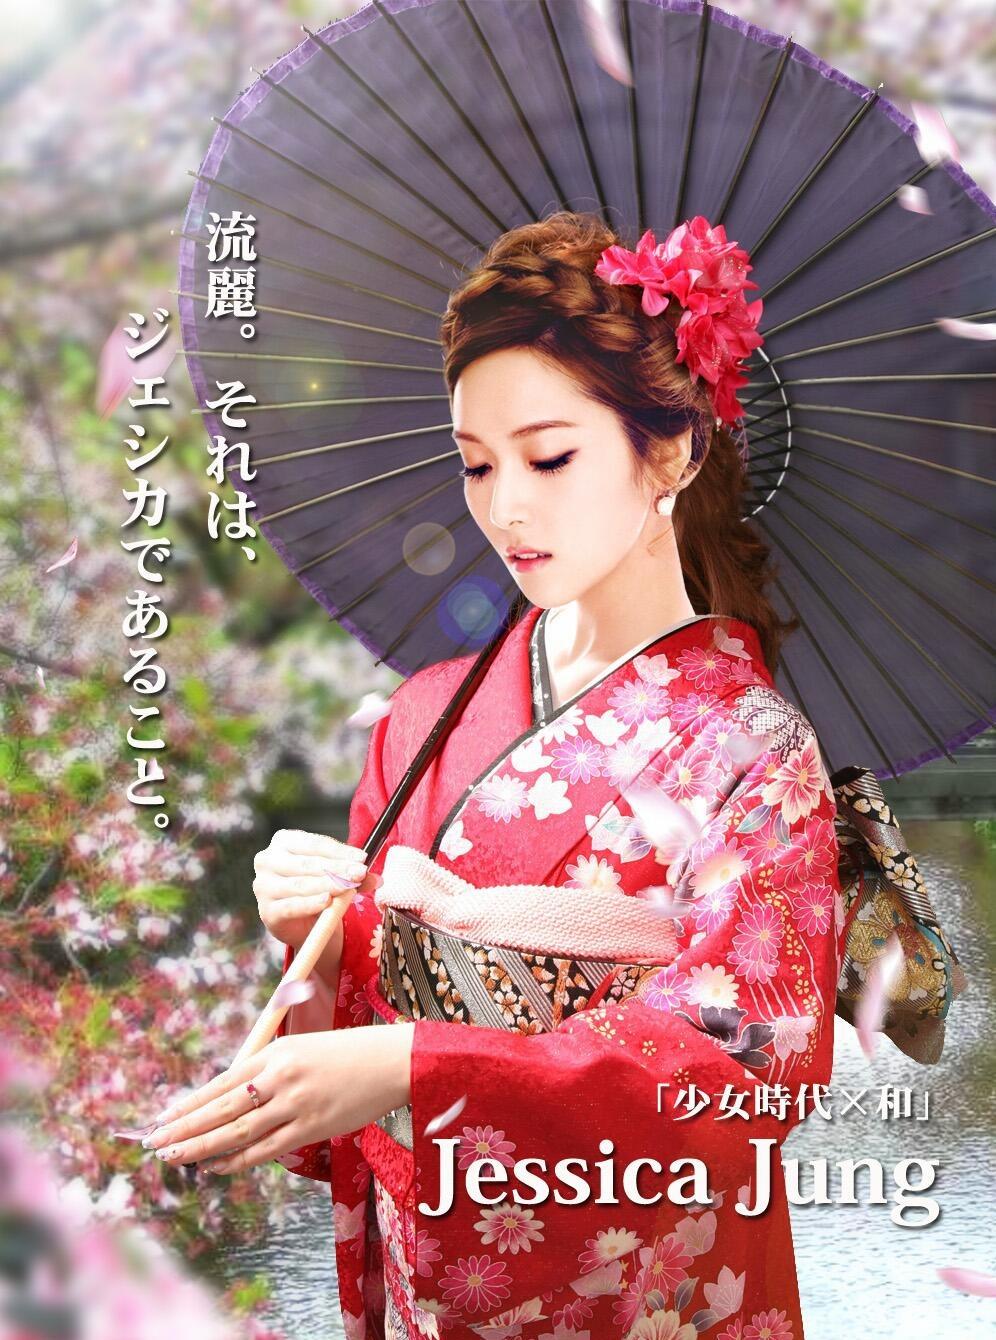 スヨン SooYoung 着物 袴 和少女時代